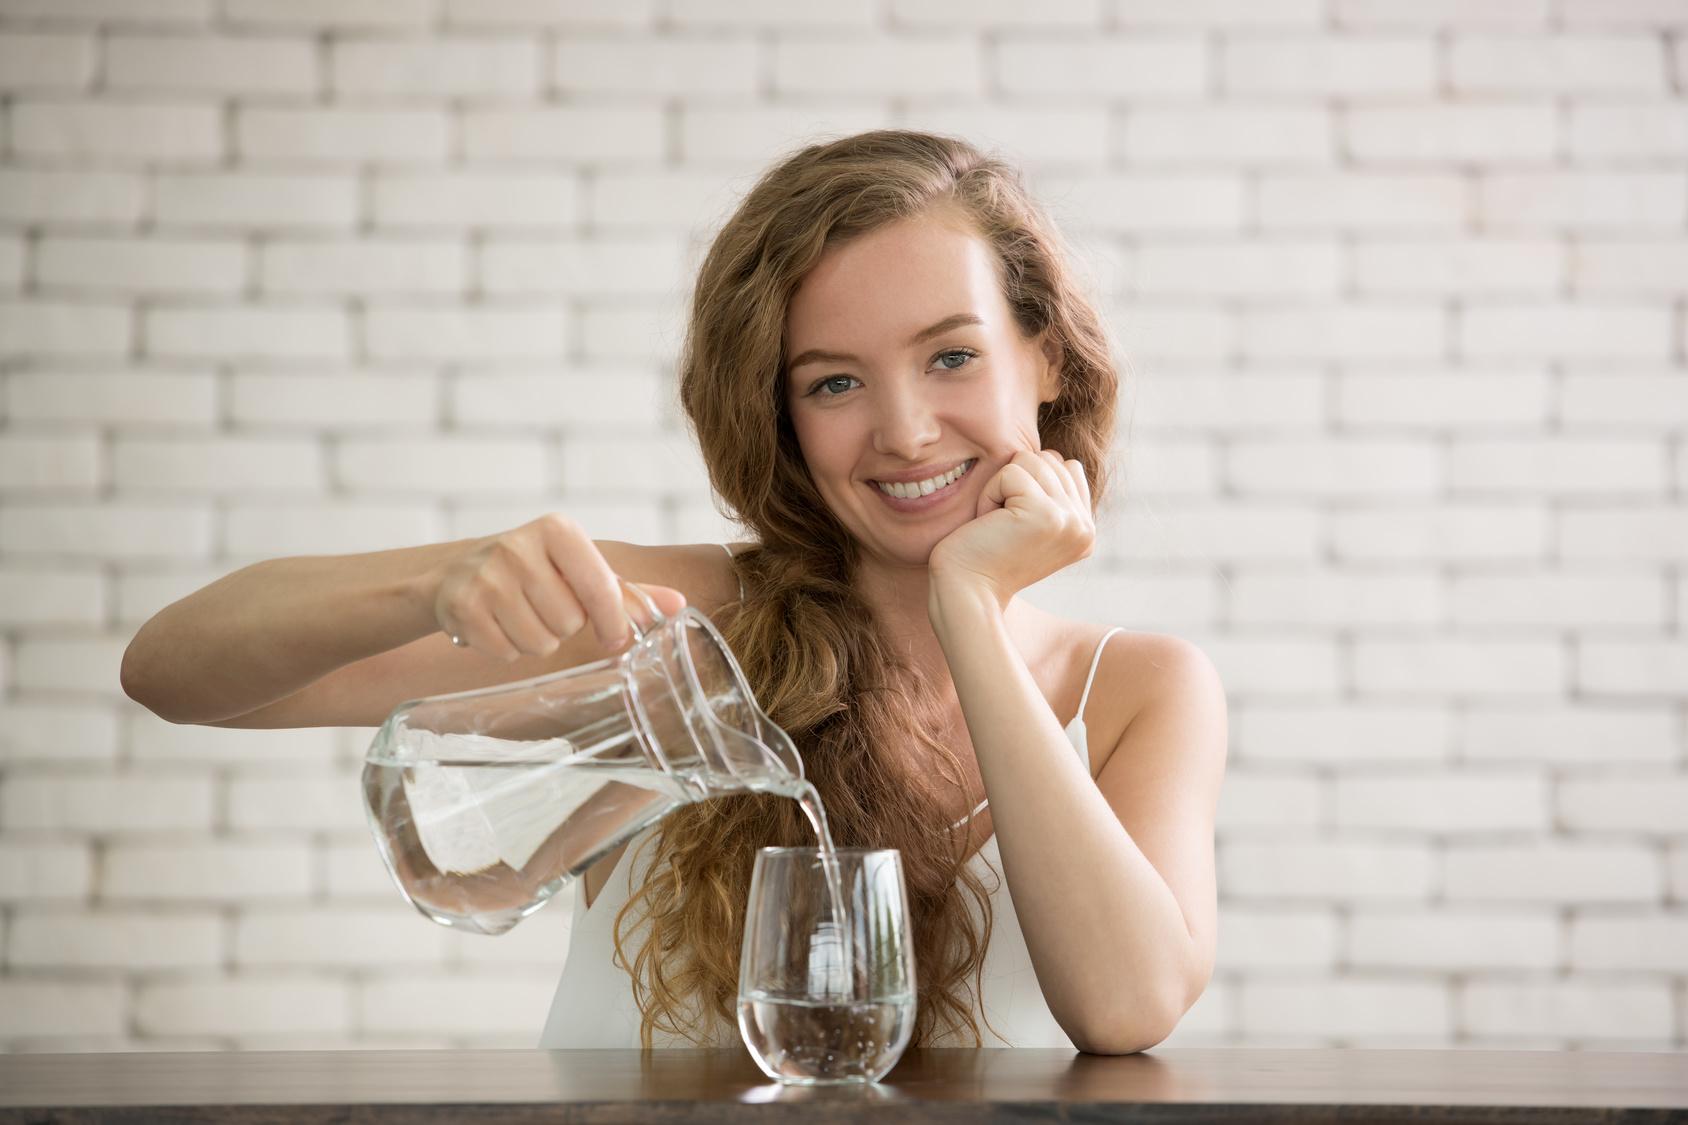 Junge Frau füllt ein Glas mit Wasser